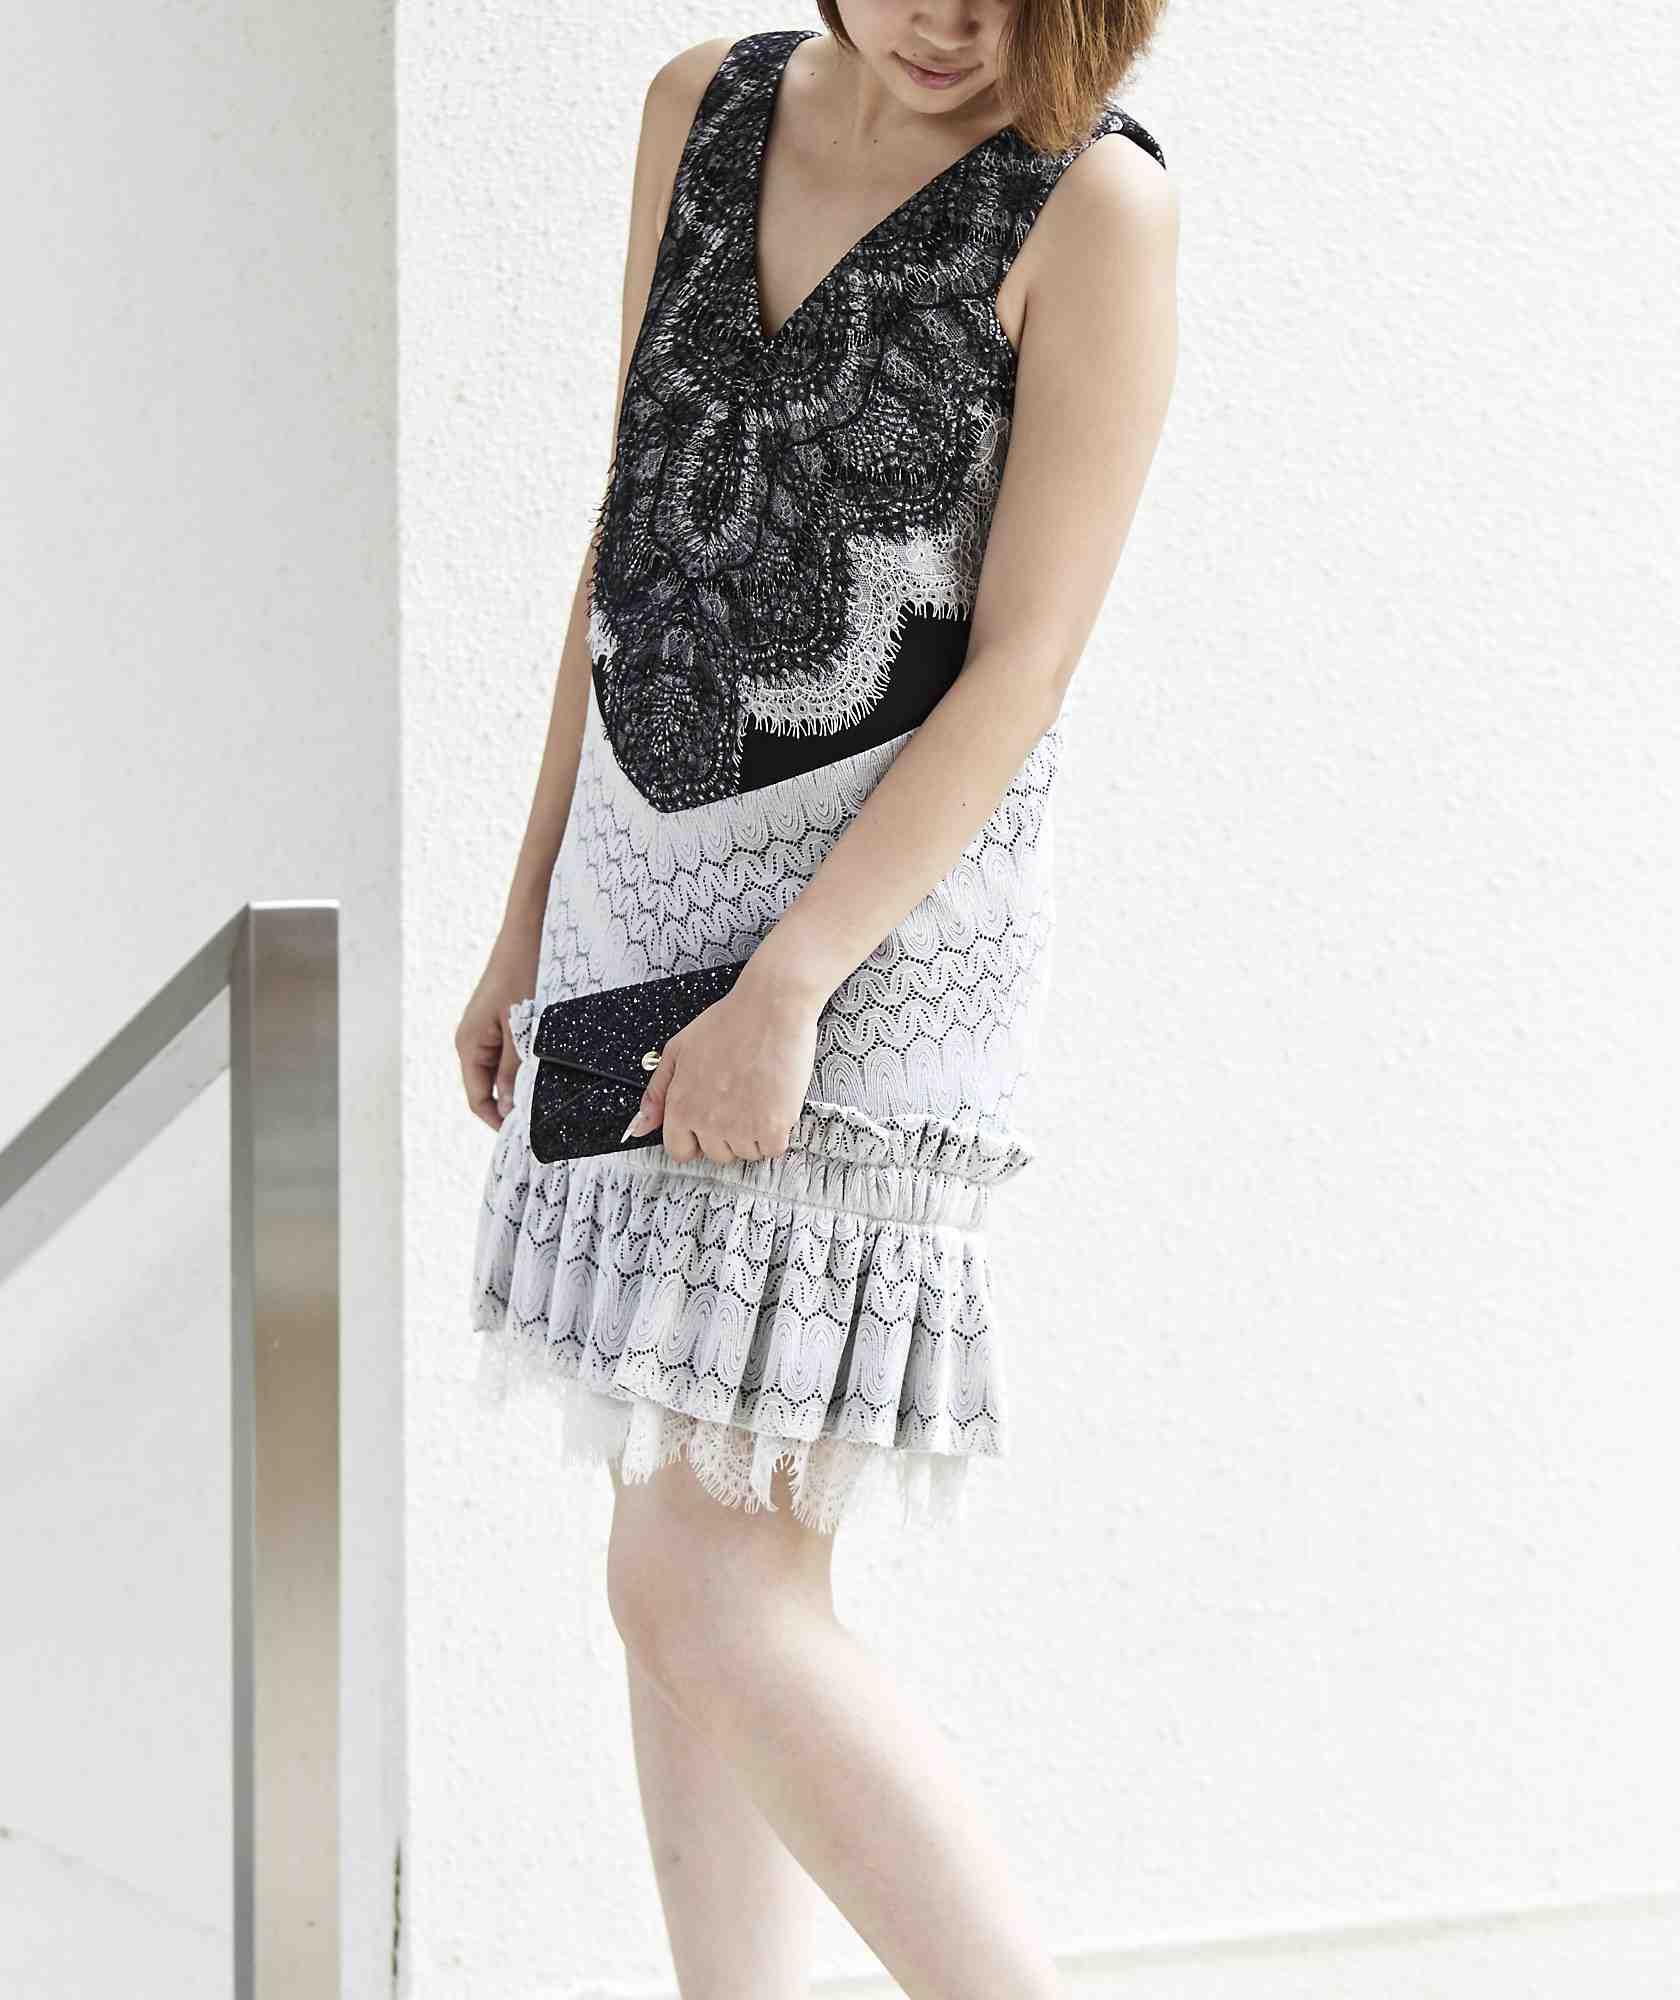 モノクロオープンバックショートドレス-ブラック-M